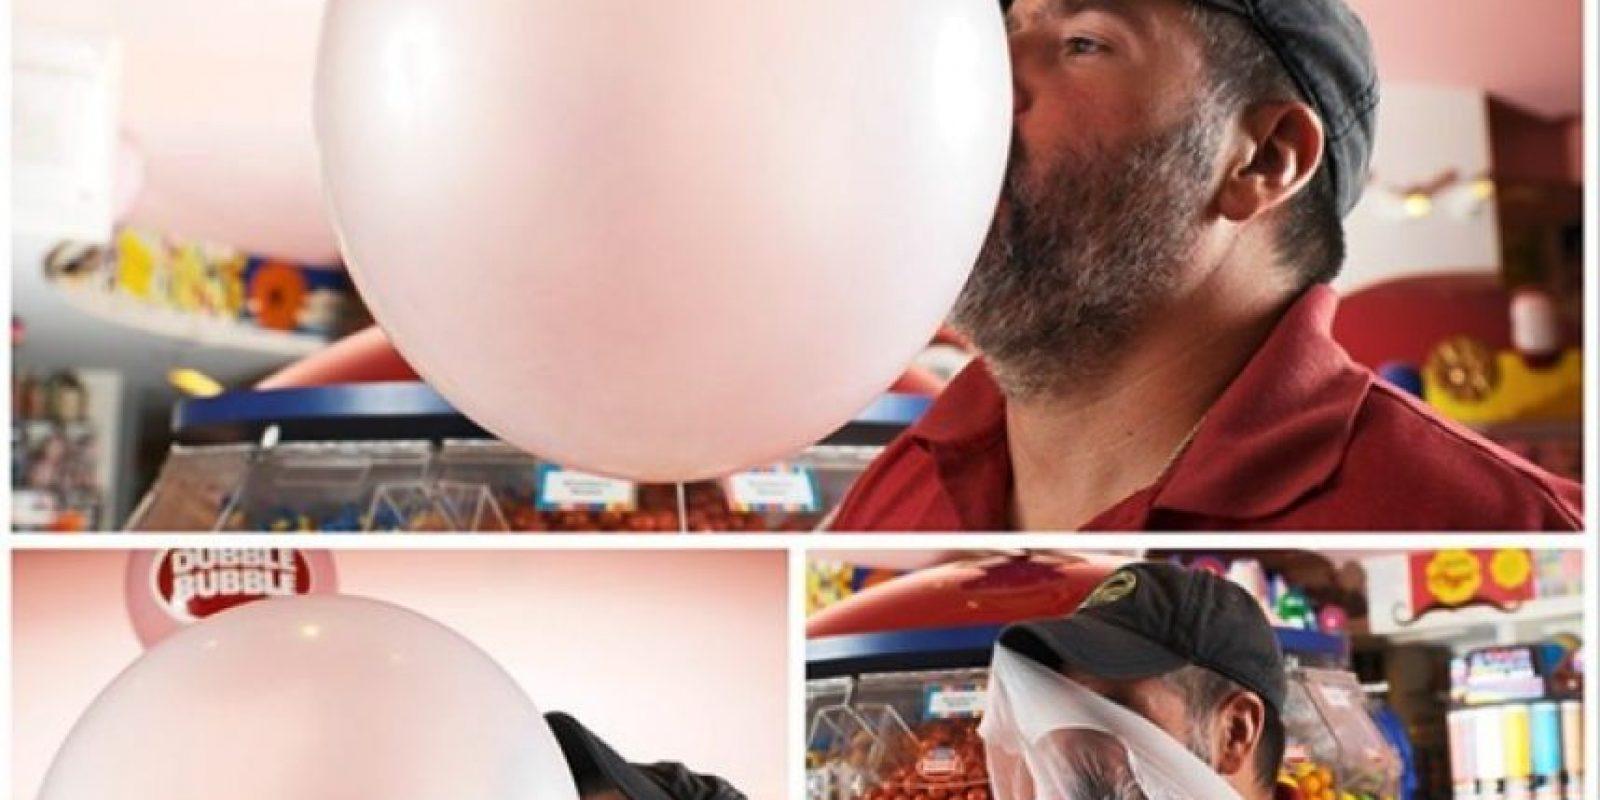 El puede hacer las bombas de chicle más grandes Foto:Instagram/guinnessworldrecords